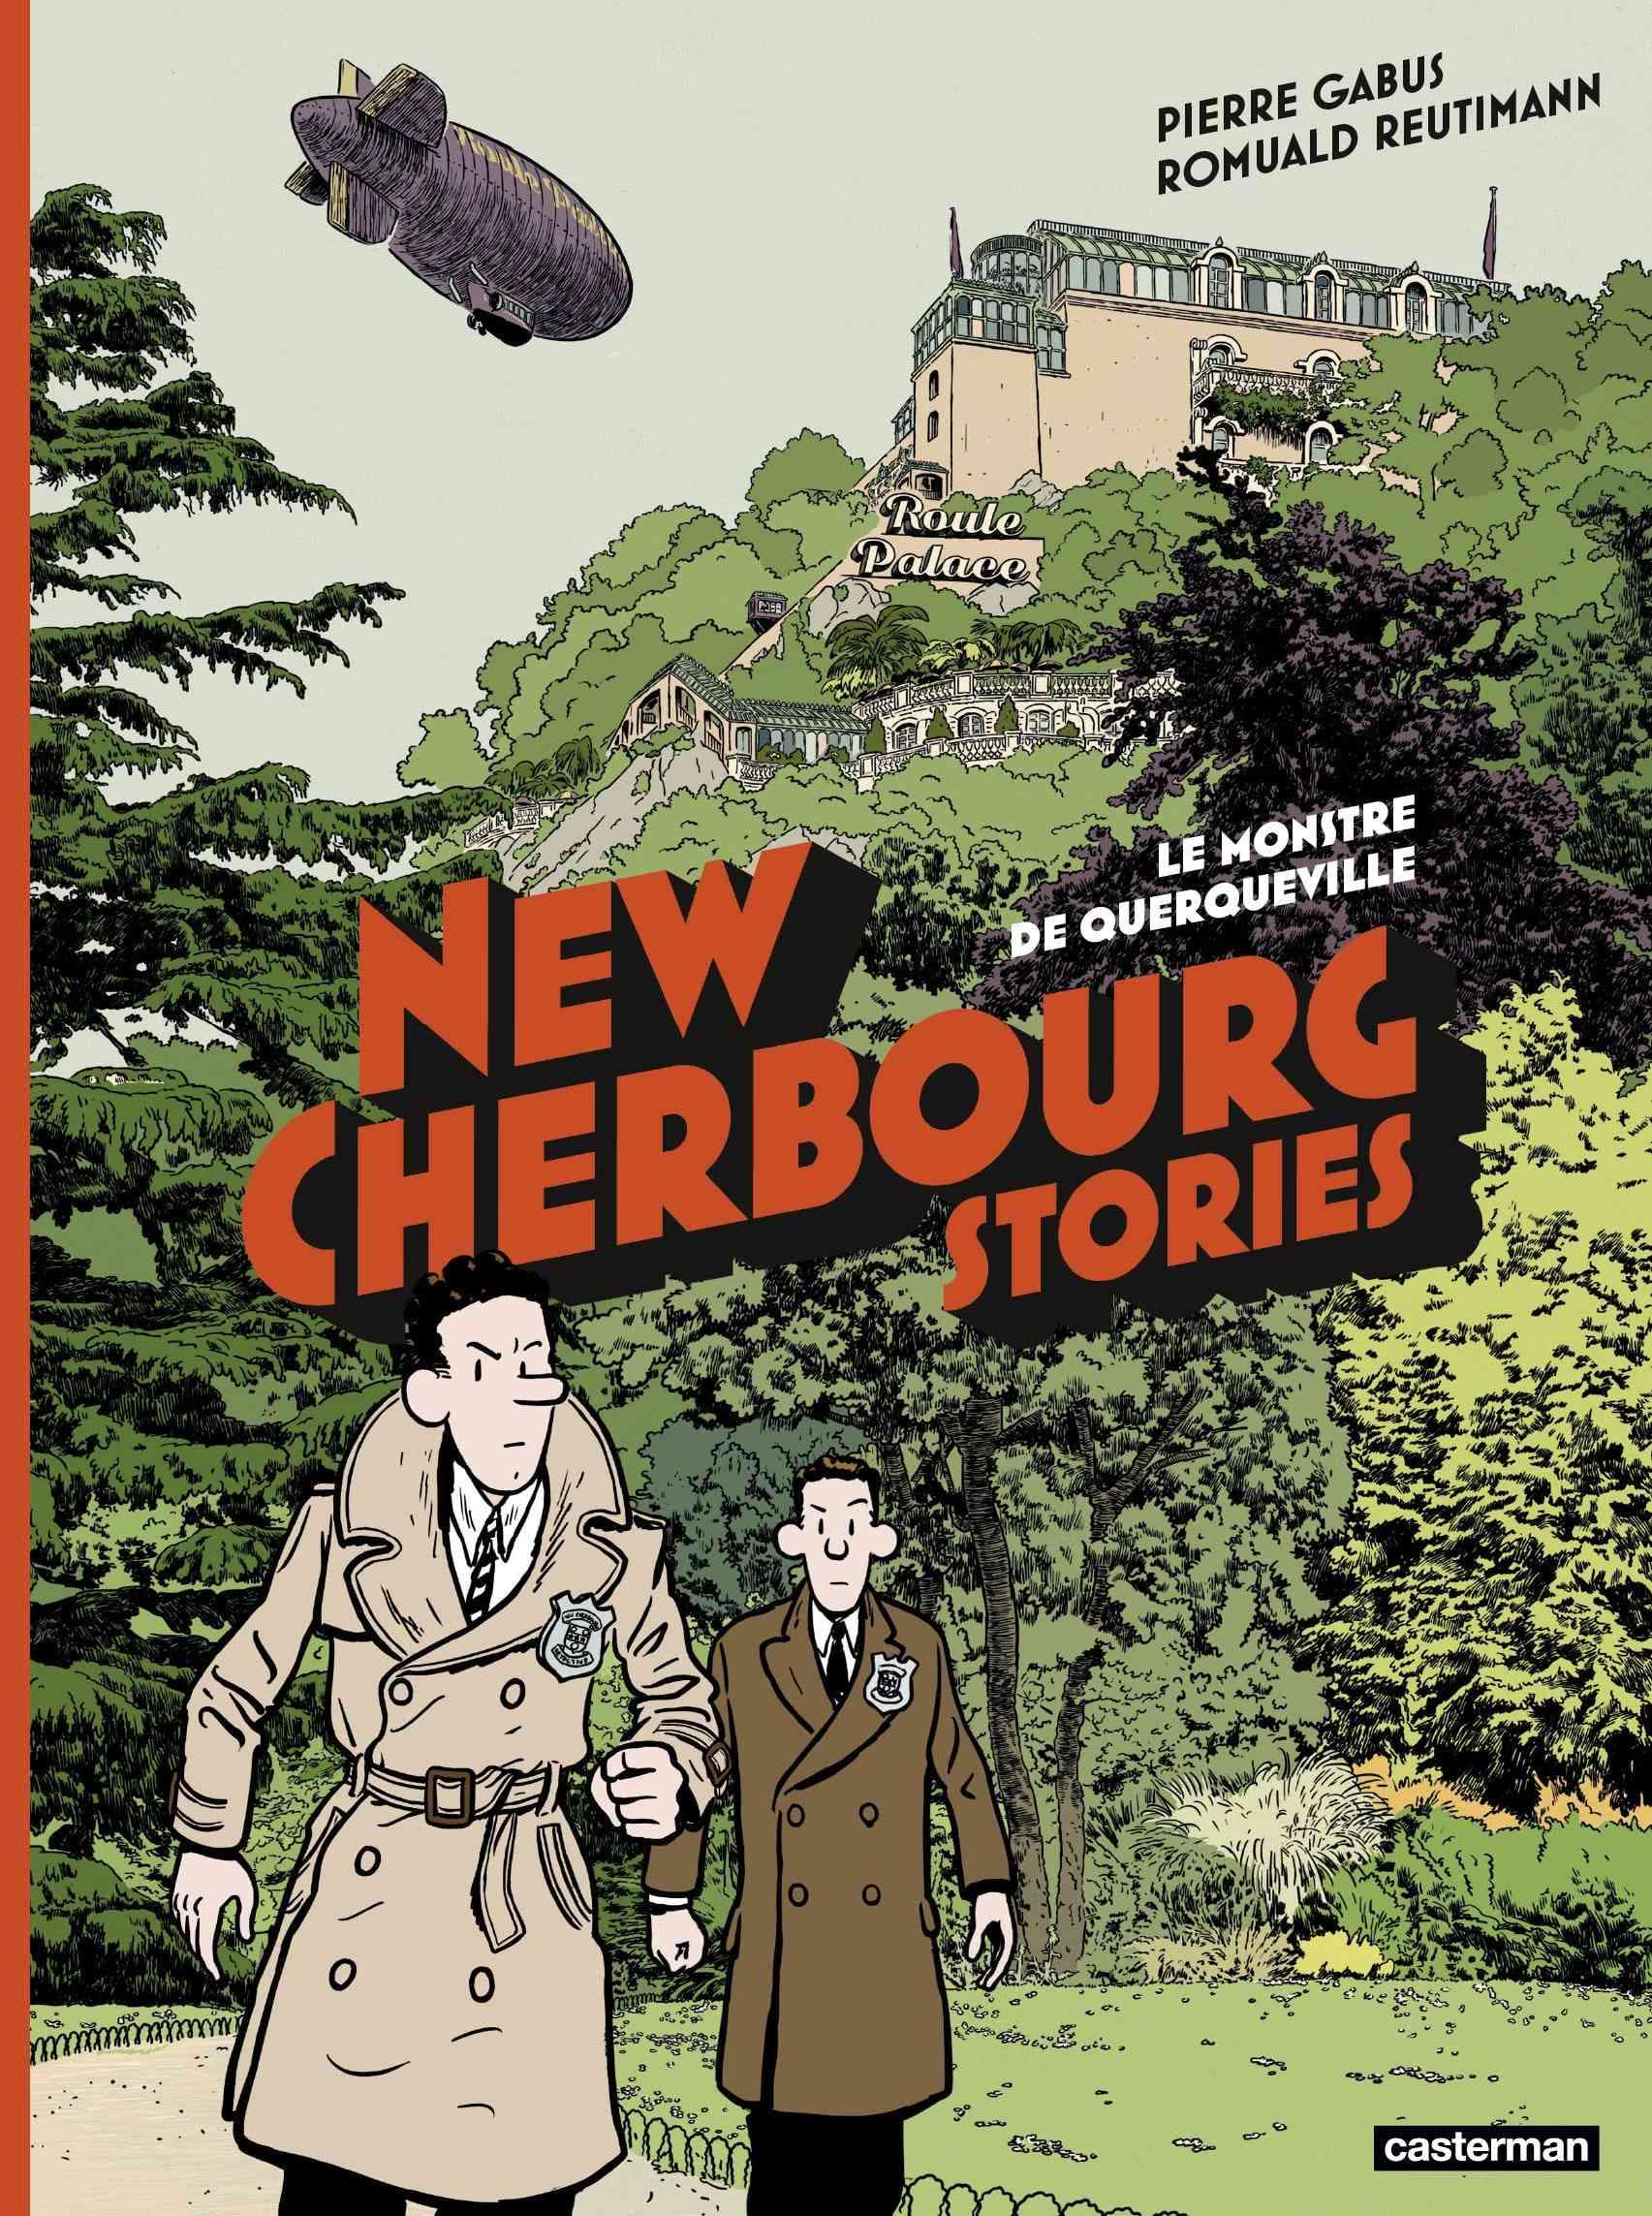 New Cherbourg Stories, délicieusement rétro